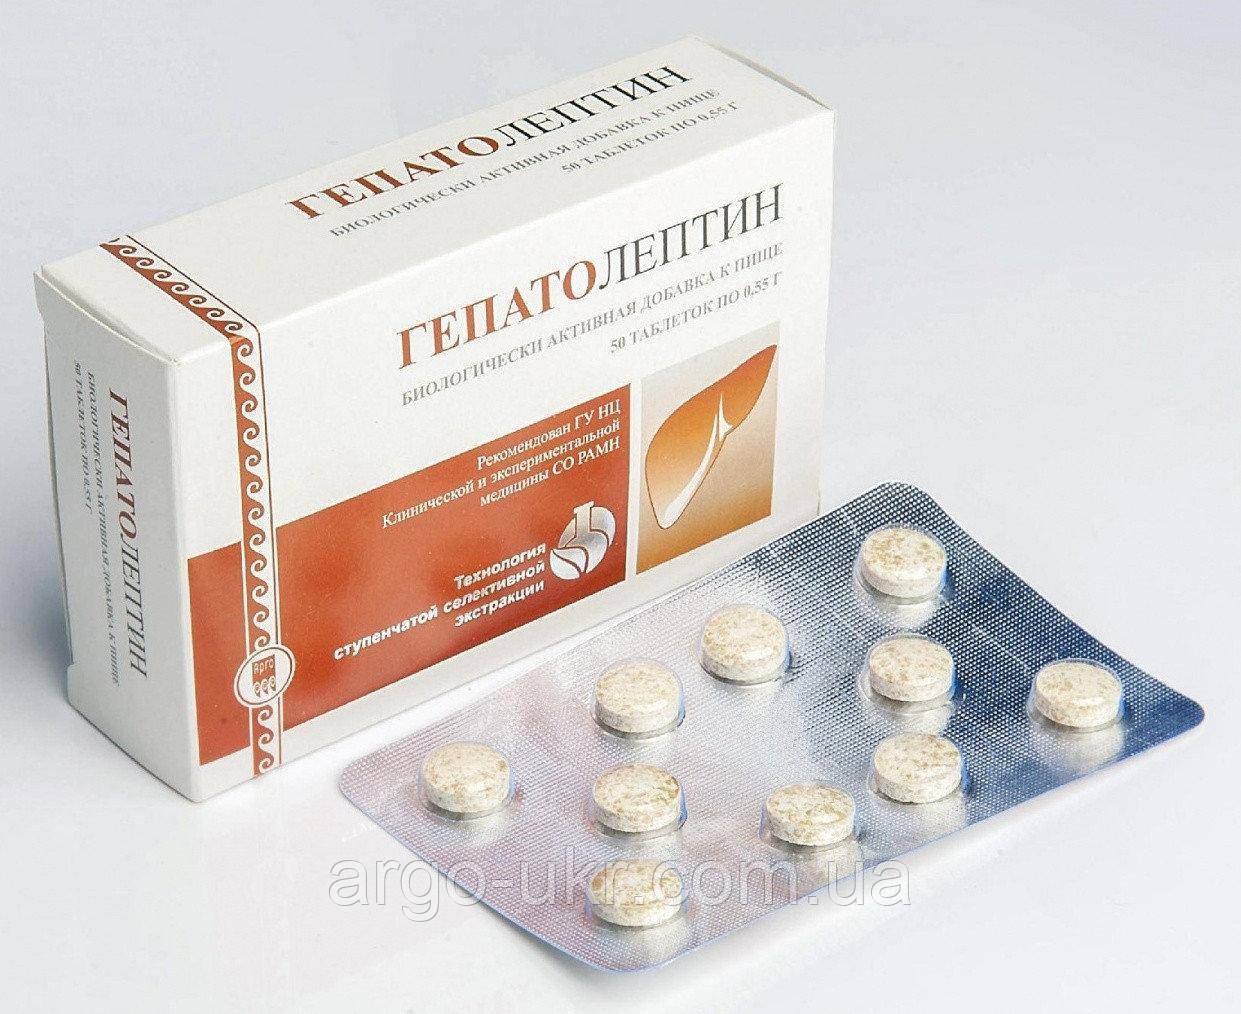 Гепатолептин (Лептин печінковий) Арго, відновлення, захист печінки, жовчного міхура, холецистит, жовчогінний